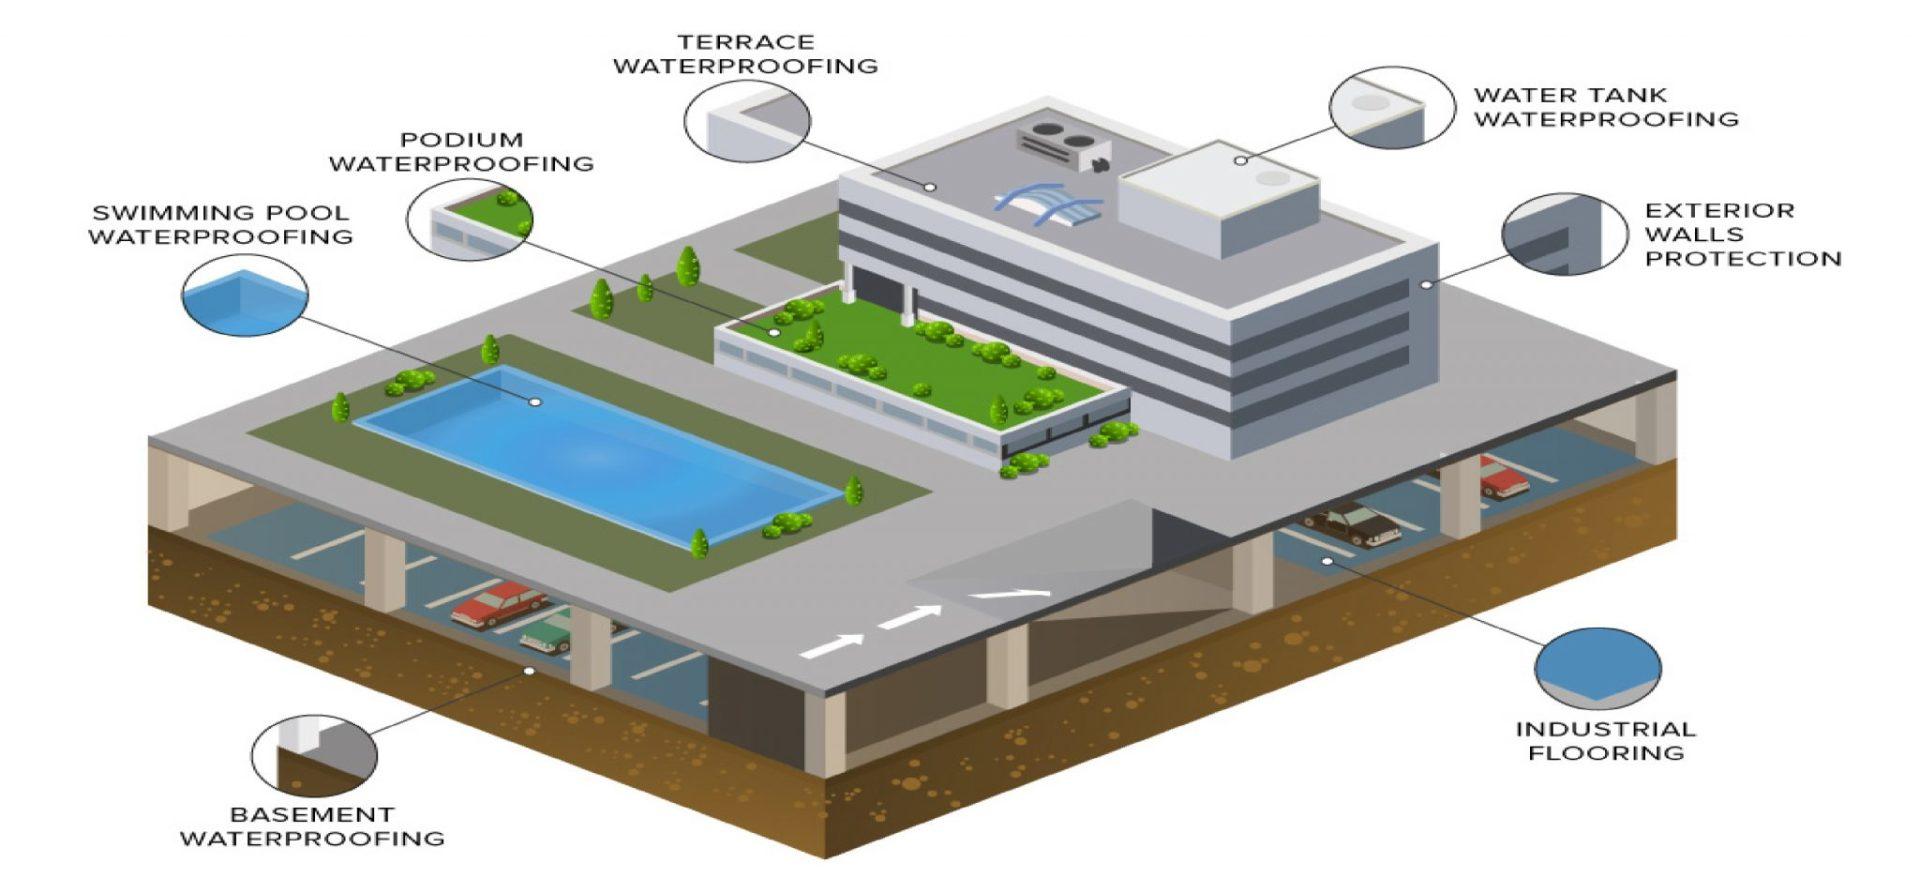 Waterproof company in Bangladesh - FOUNTECH